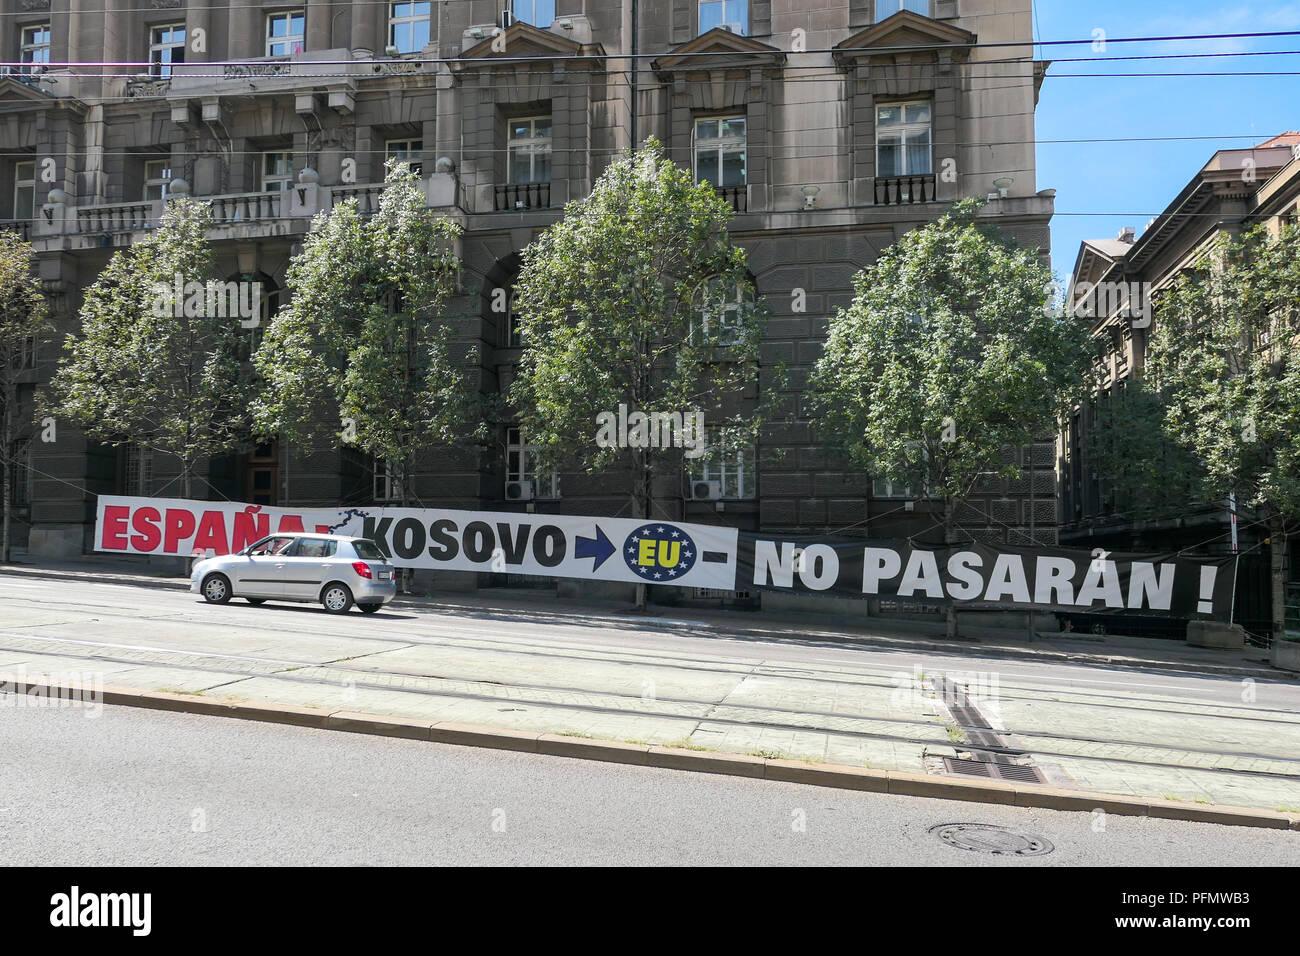 """""""Espana - Kosovo - EU - No Pasaran' Banner in Belgrad, Serbien - gegen den Kosovo in die EU zugelassen zu werden. Stockbild"""